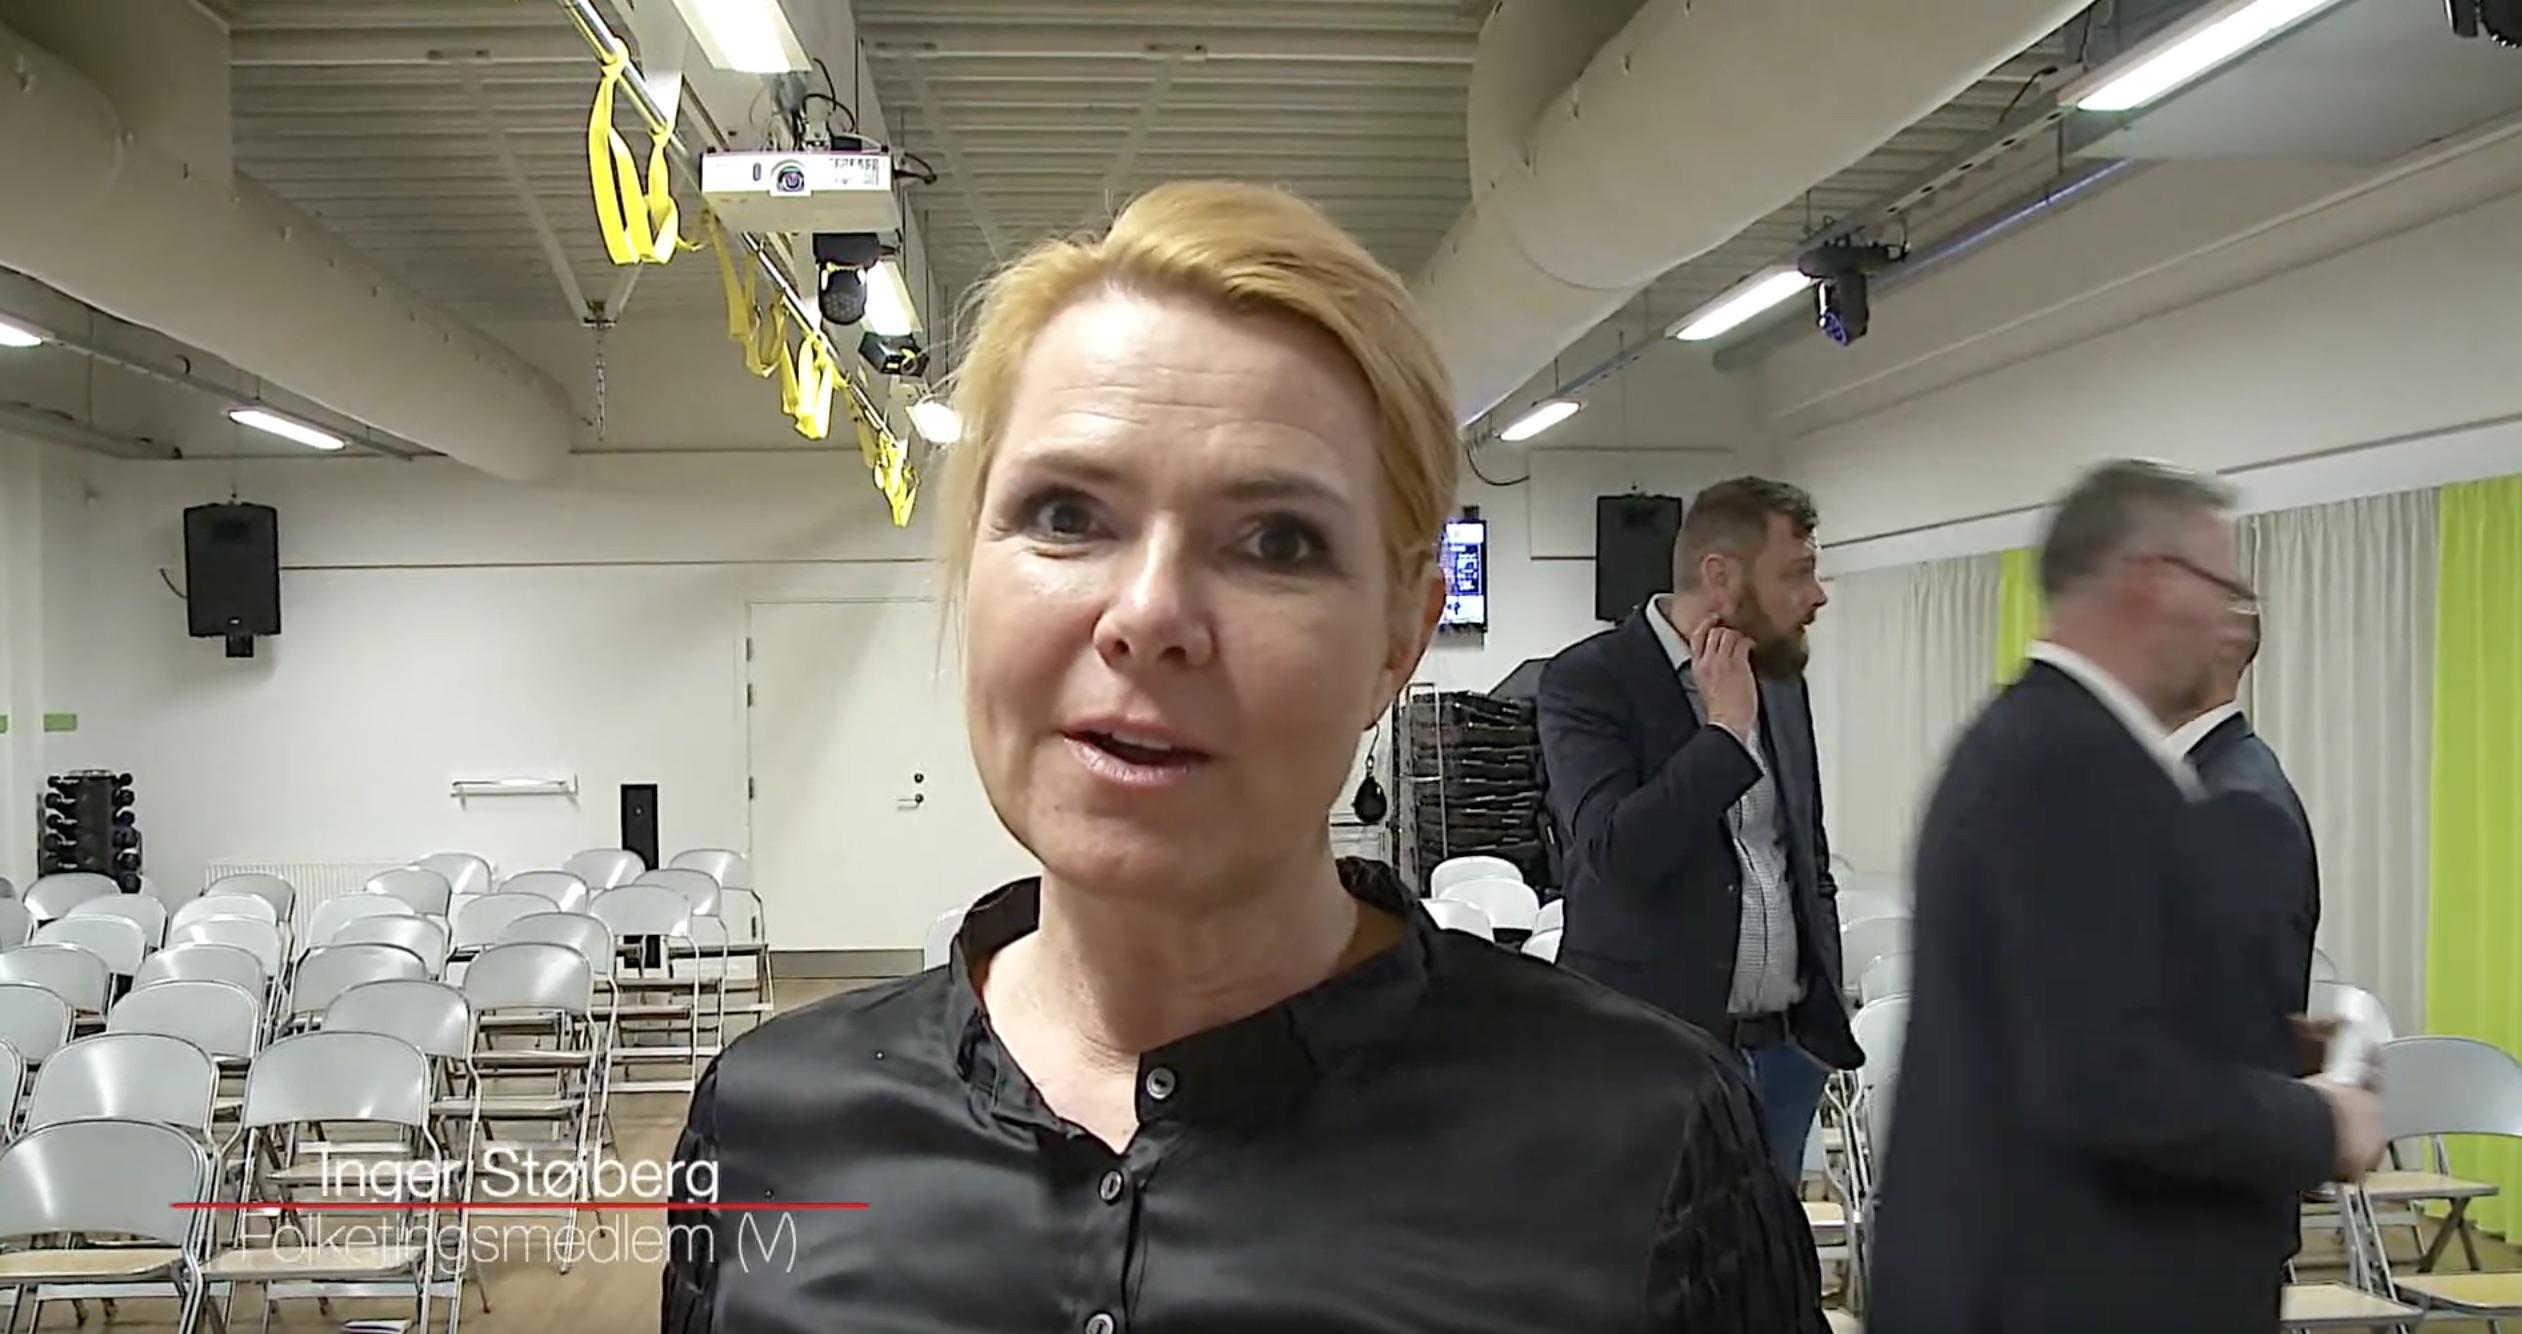 Se tv-indslag: Inger Støjberg satte fokus på det danske politi